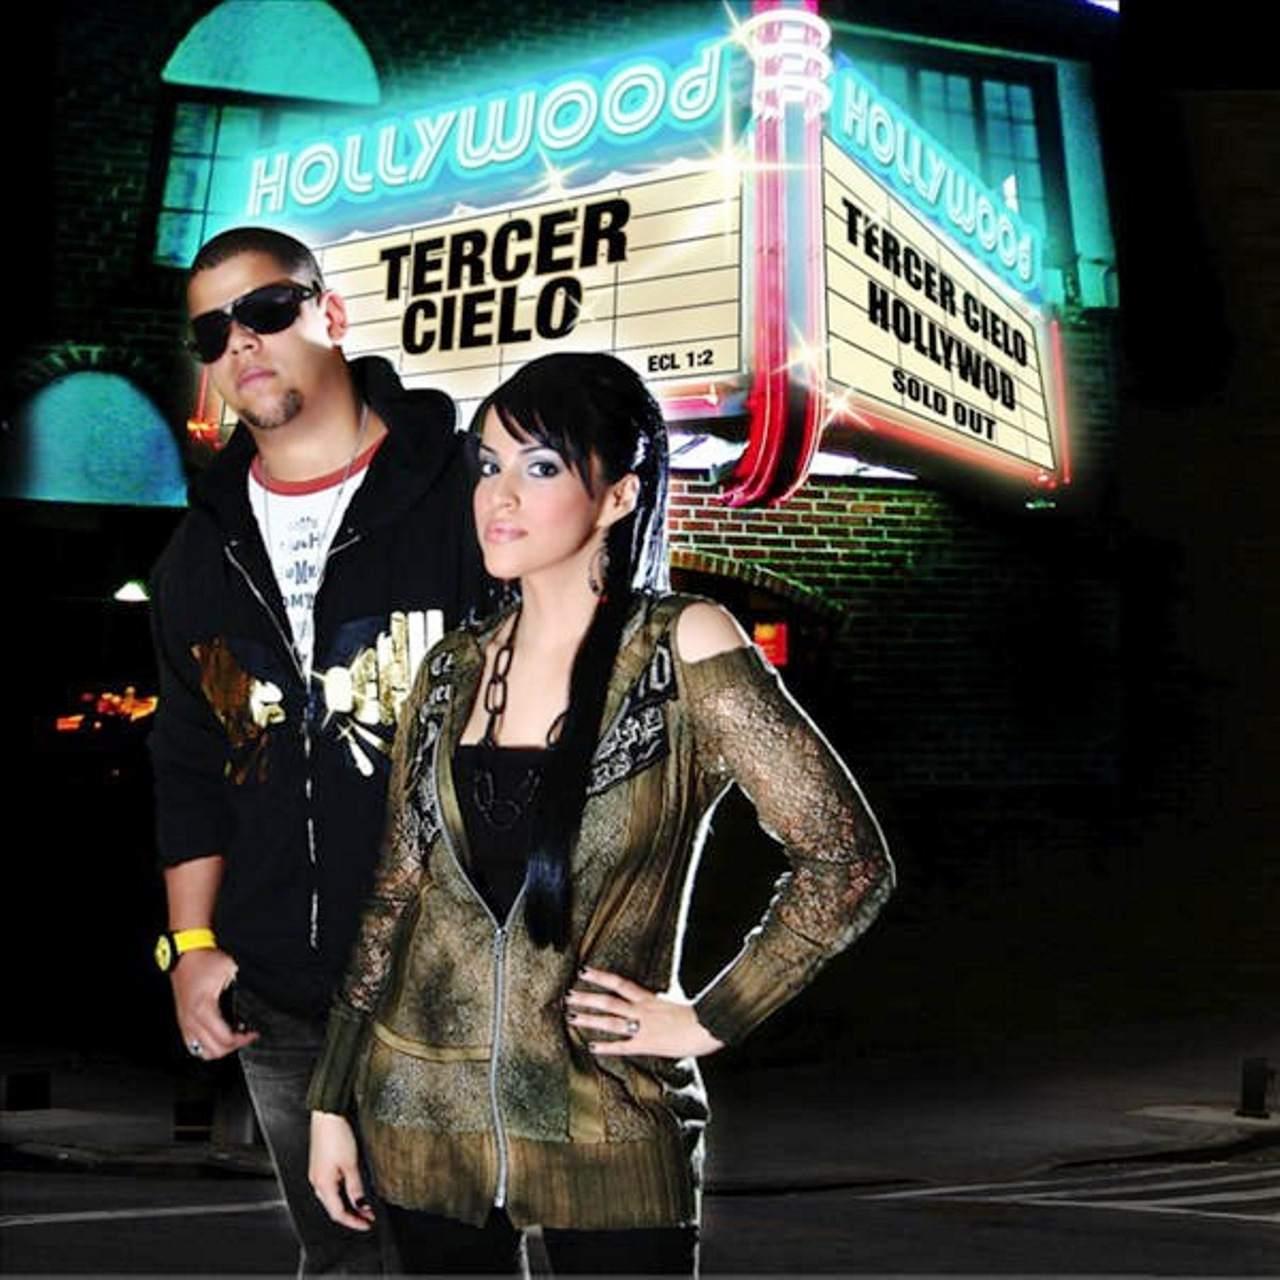 Dúo Tercer Cielo, álbum Hollywood